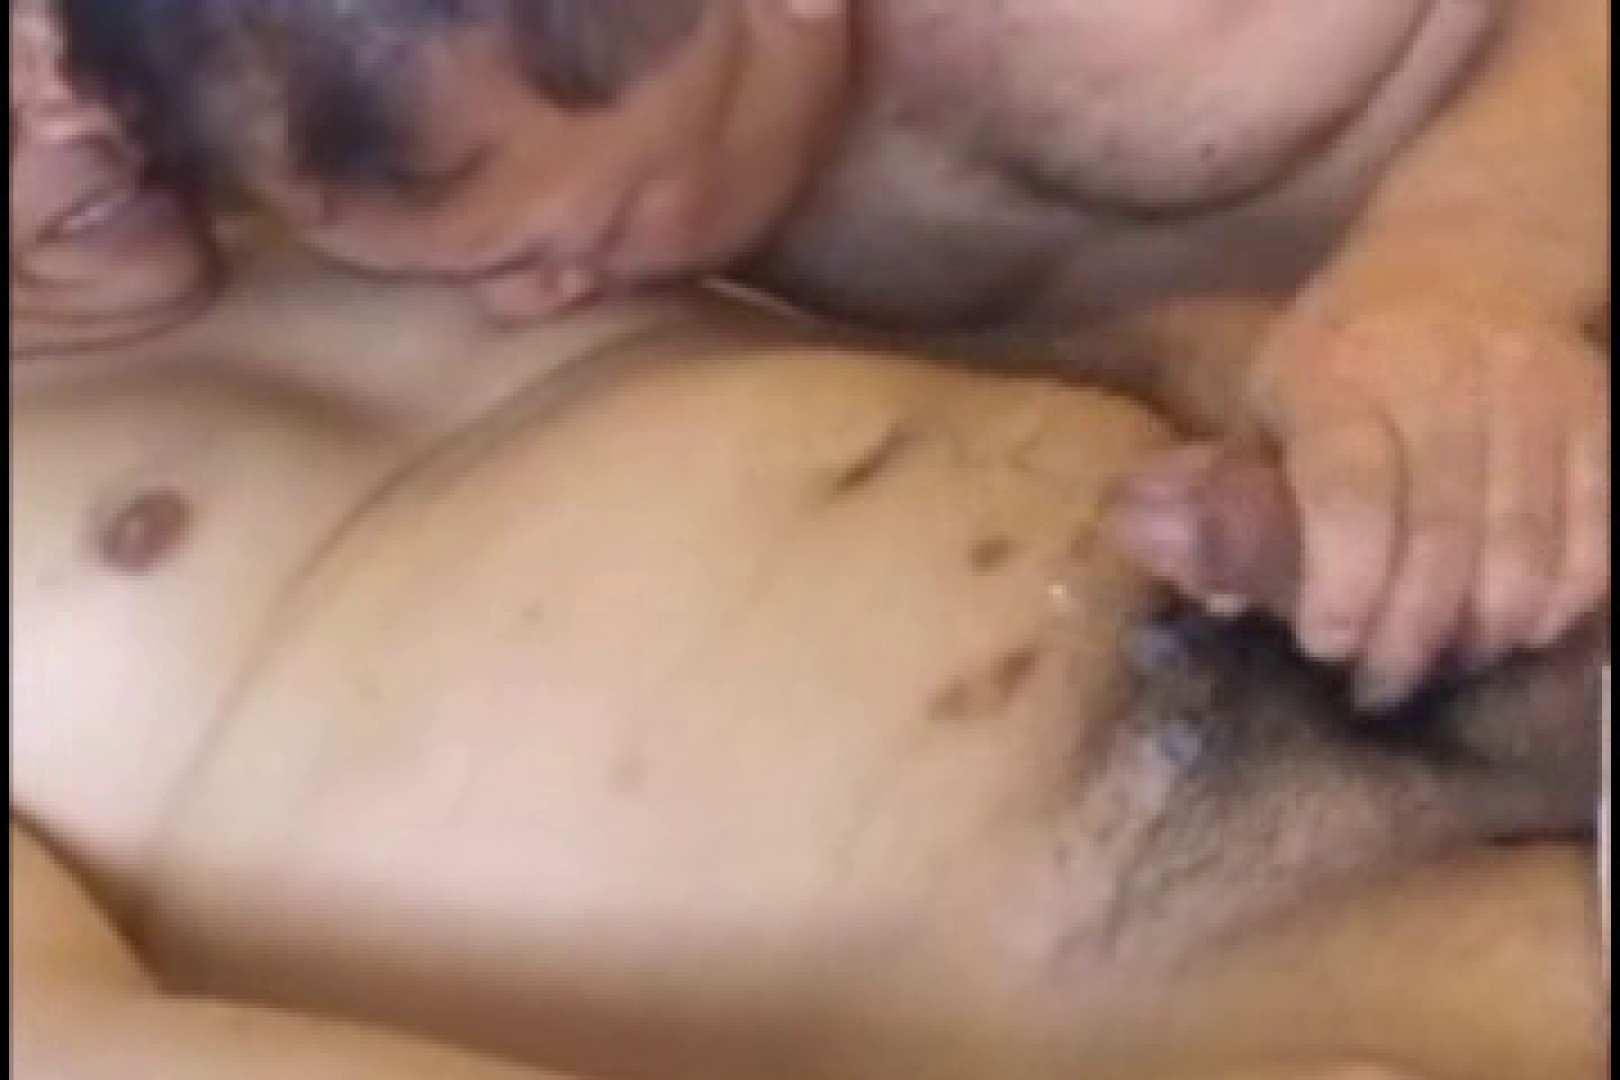 中年旦那の発情記 ゲイのオナニー映像   中年おじさん  99枚 73